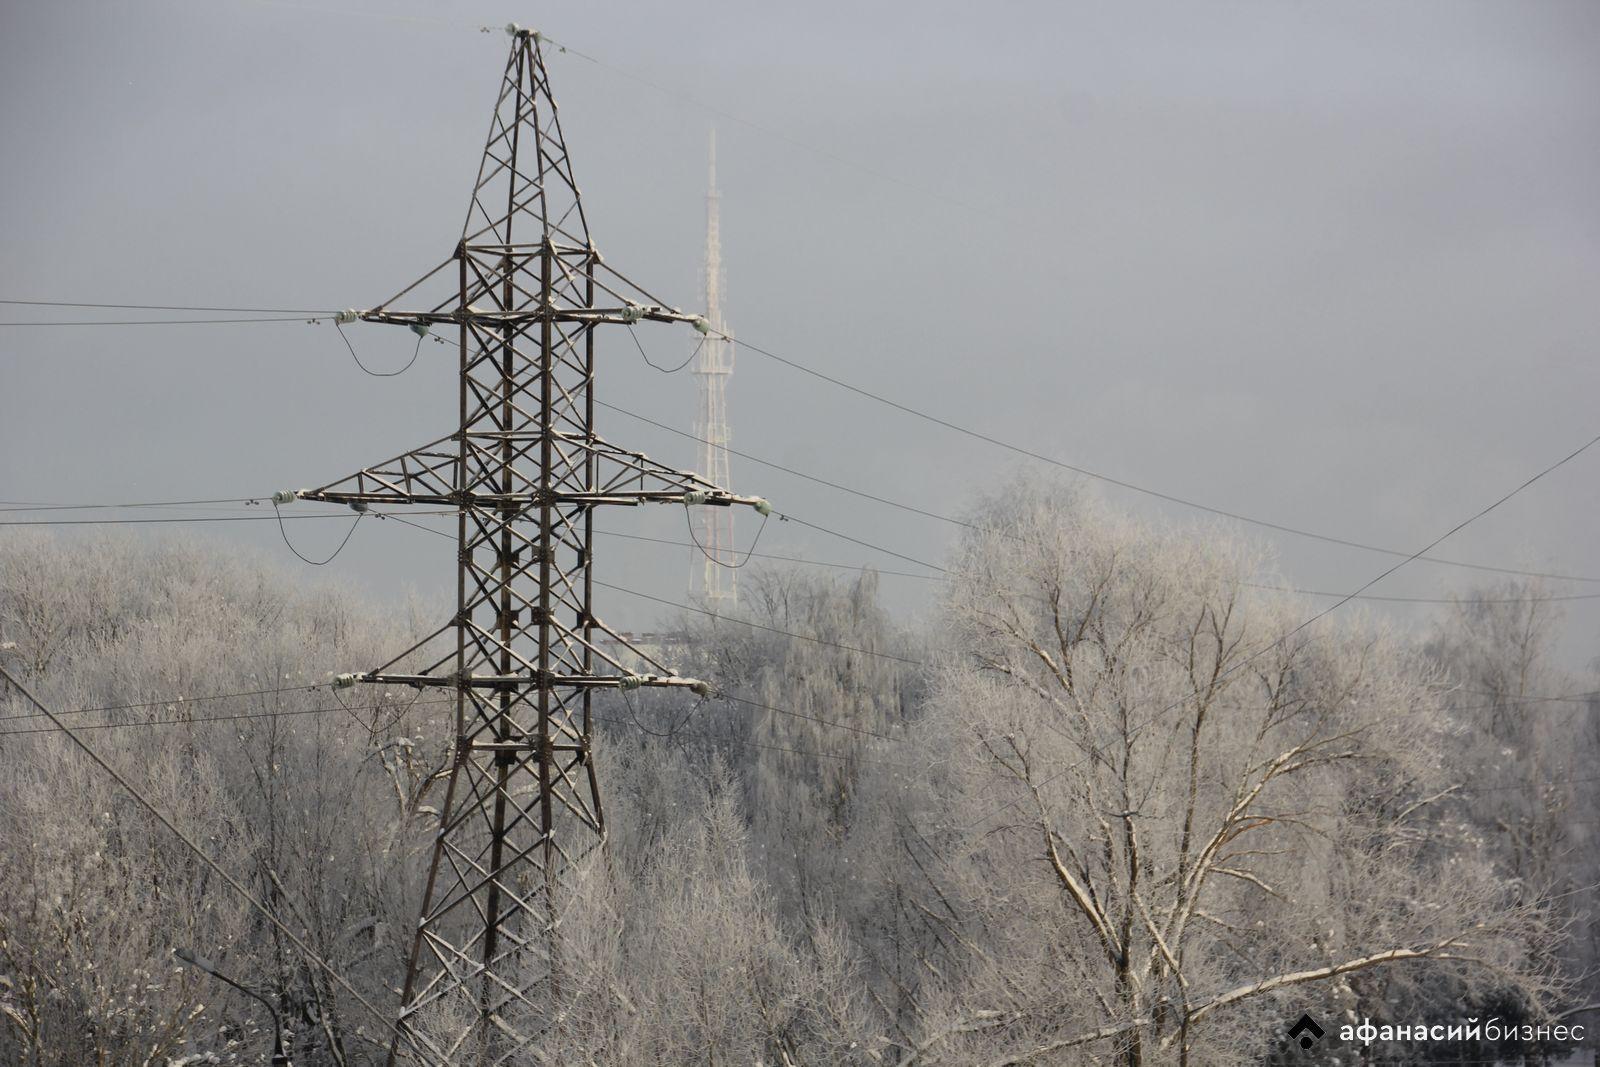 В Тверской области восстановлено энергоснабжение в большинстве населённых пунктов - новости Афанасий